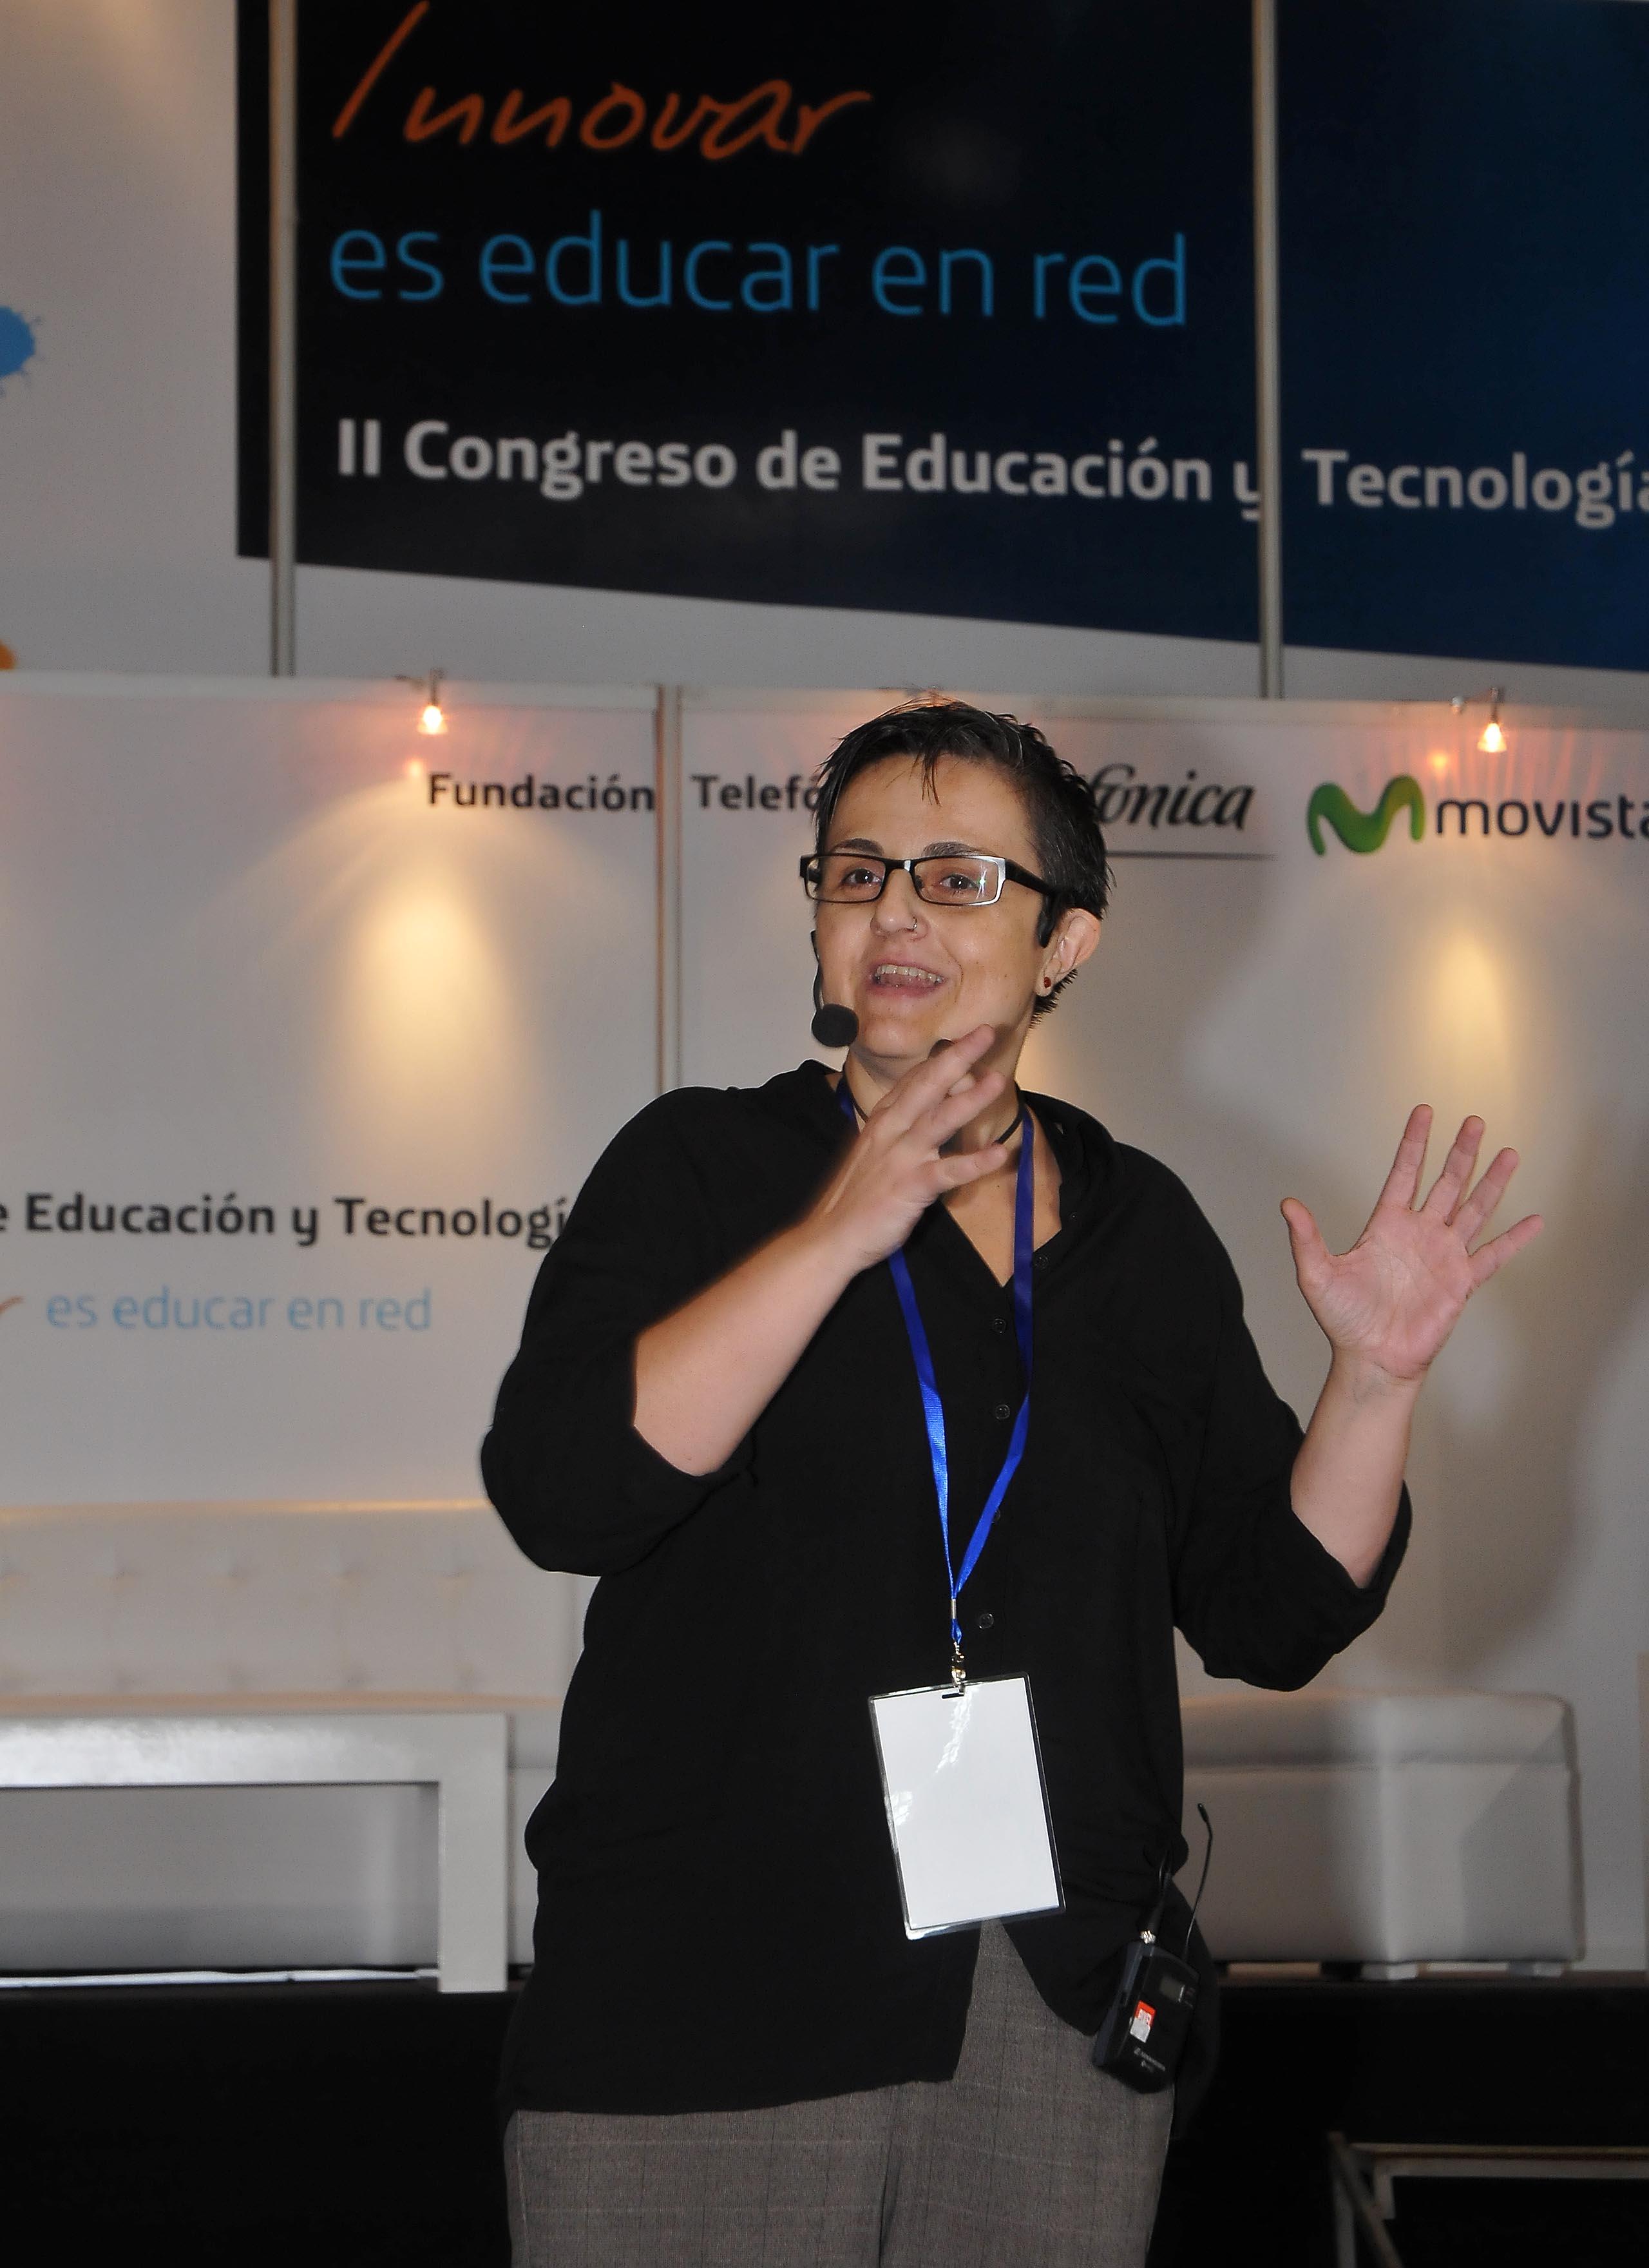 Dolors Reig (España) experta en educación 2.0 y redes colaborativas de aprendizaje.